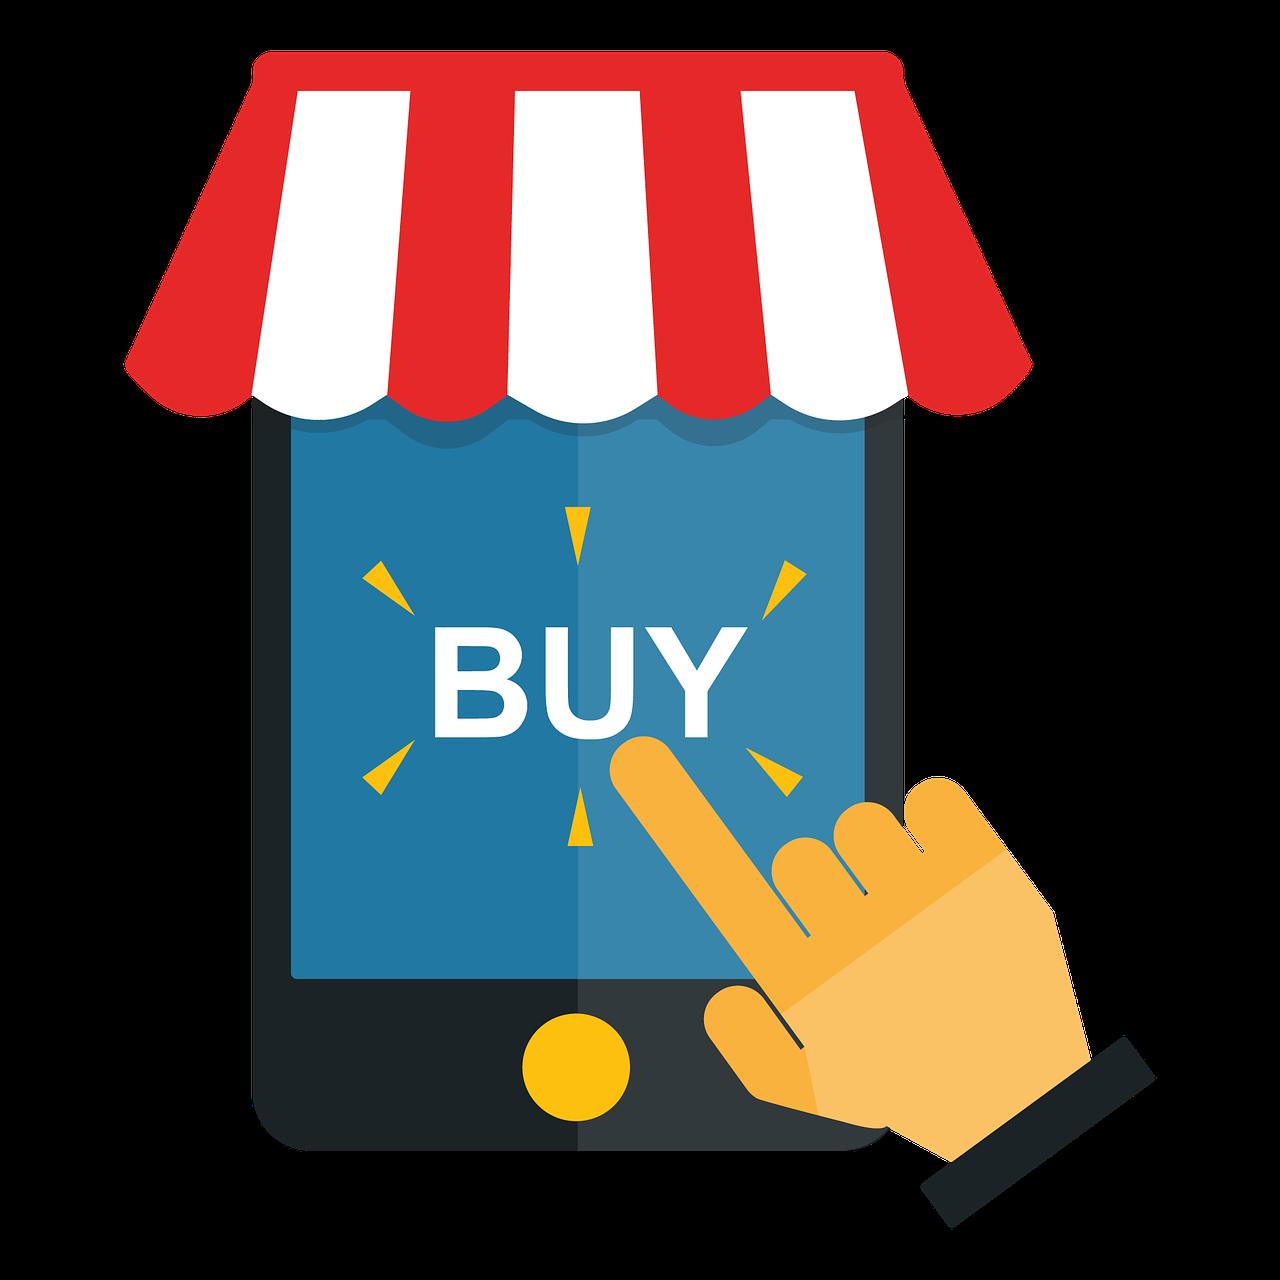 buying via phone